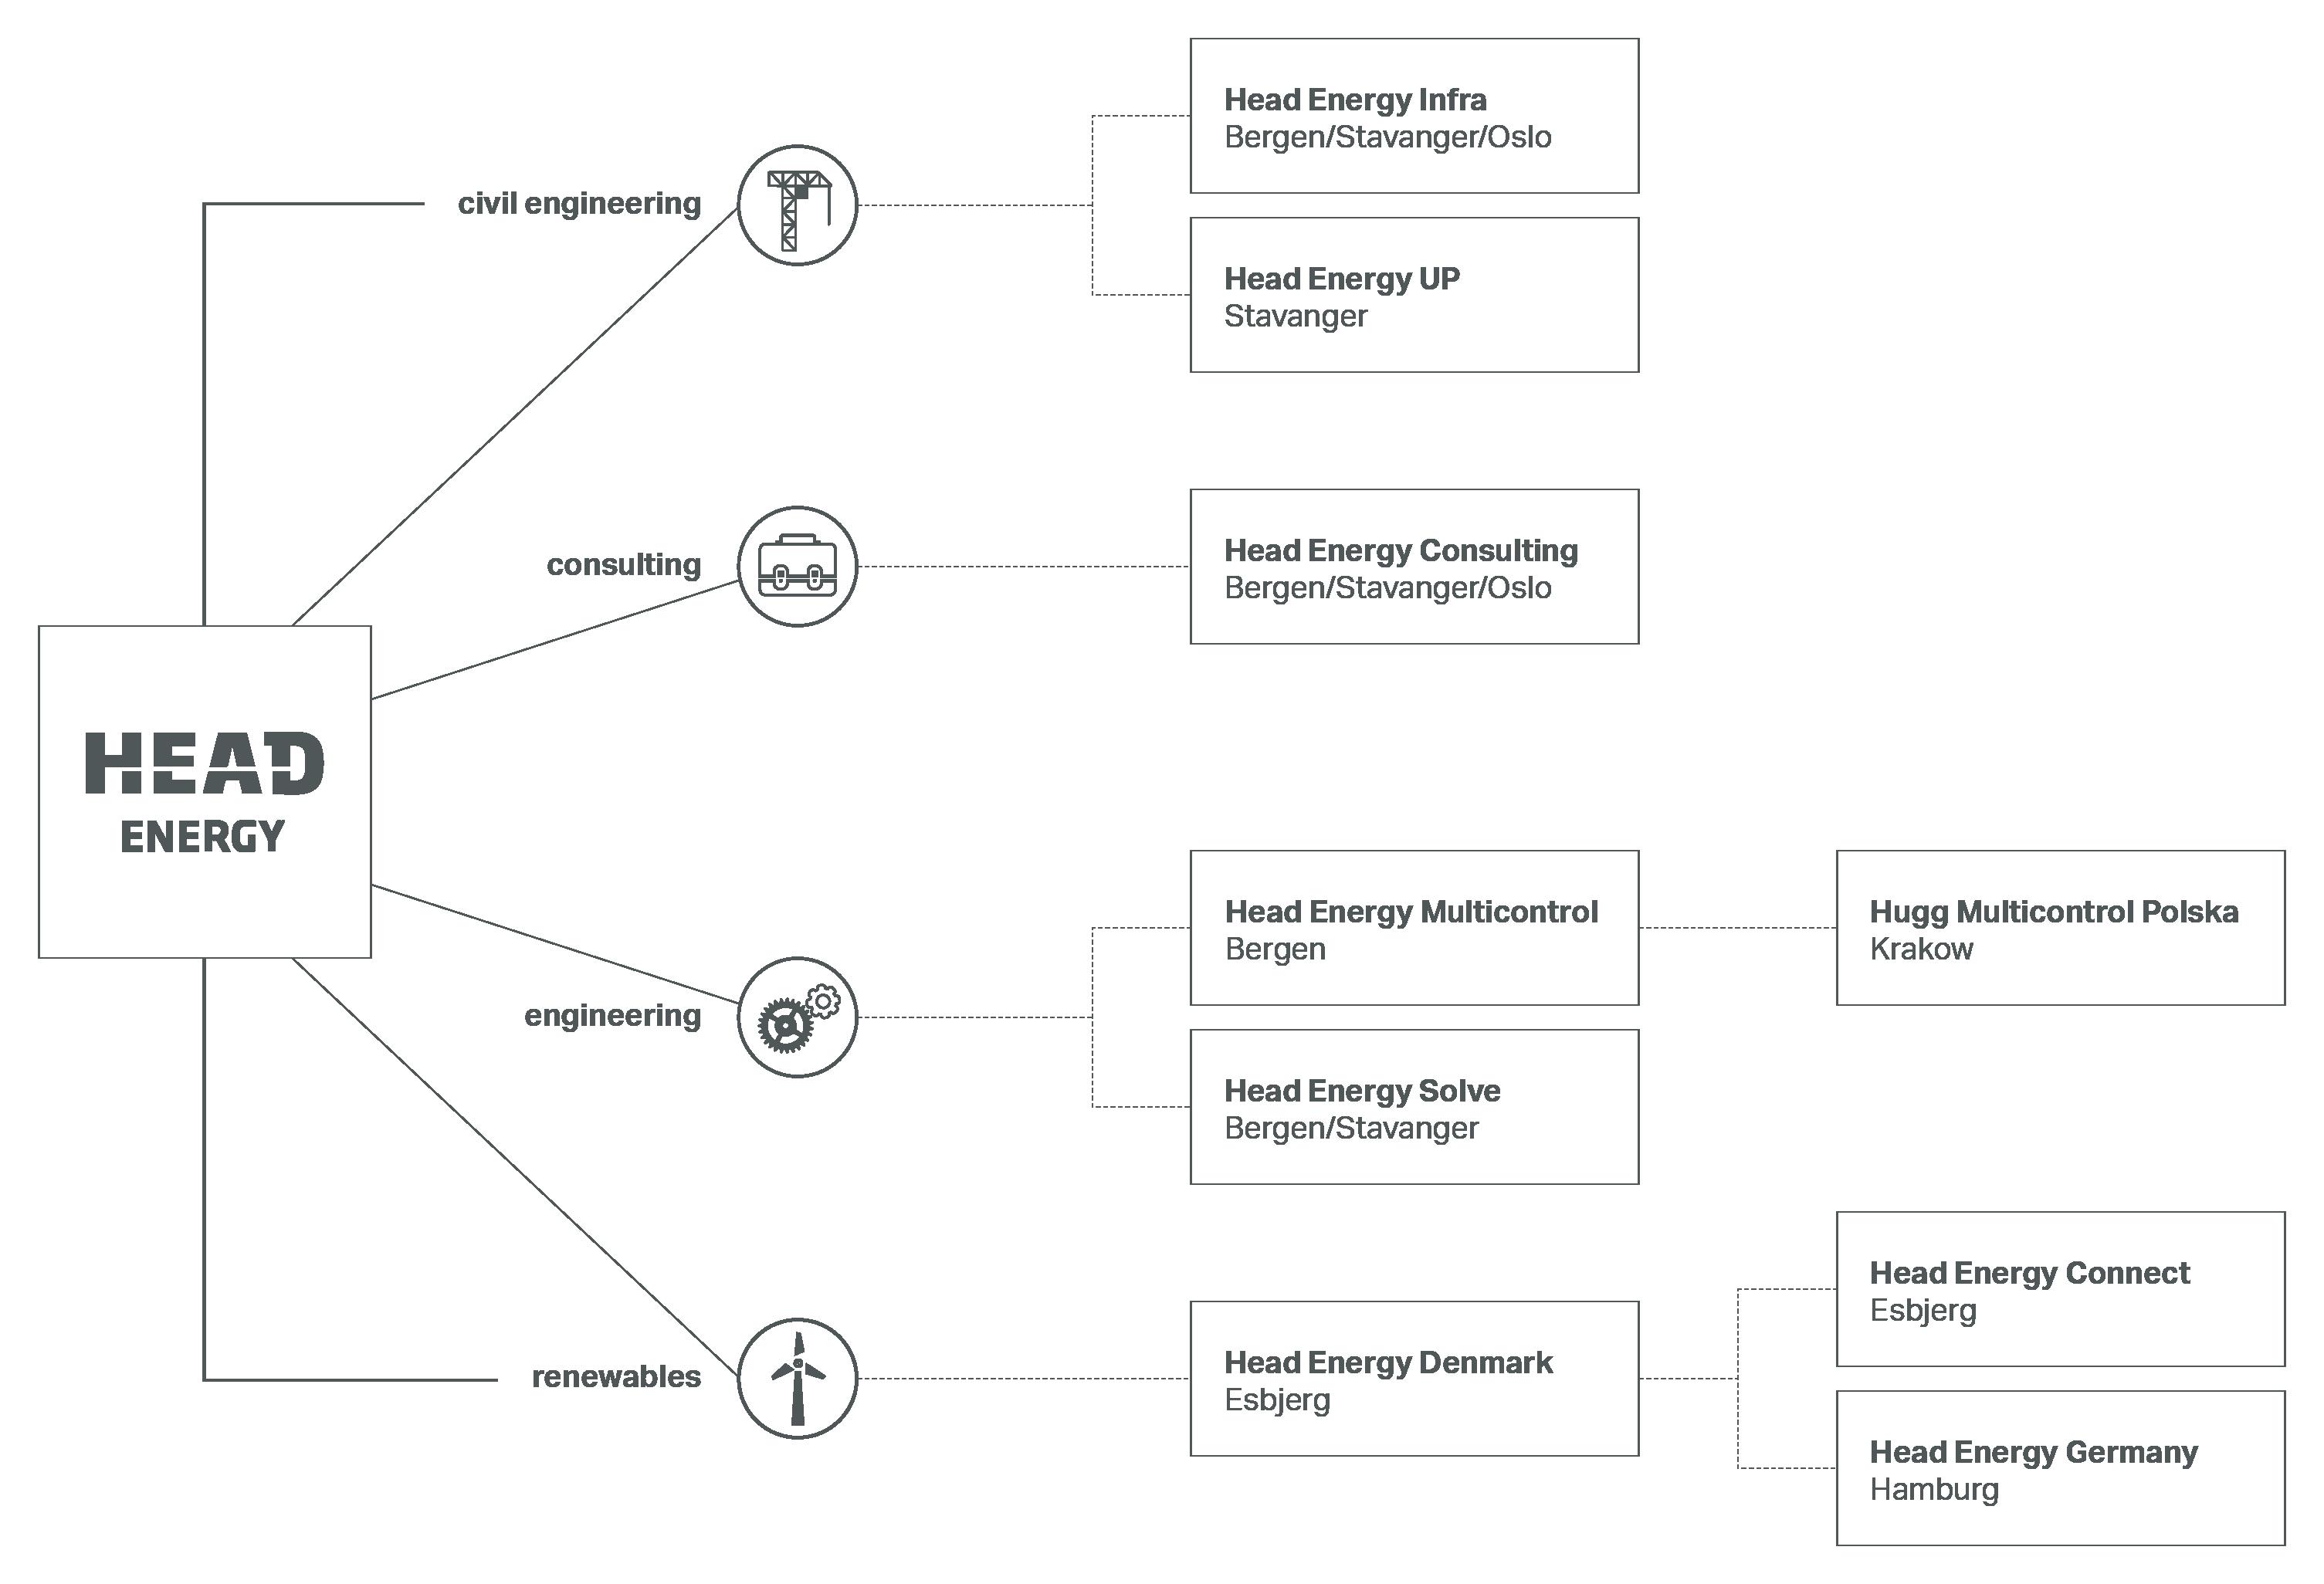 Diagram: Corporate structure